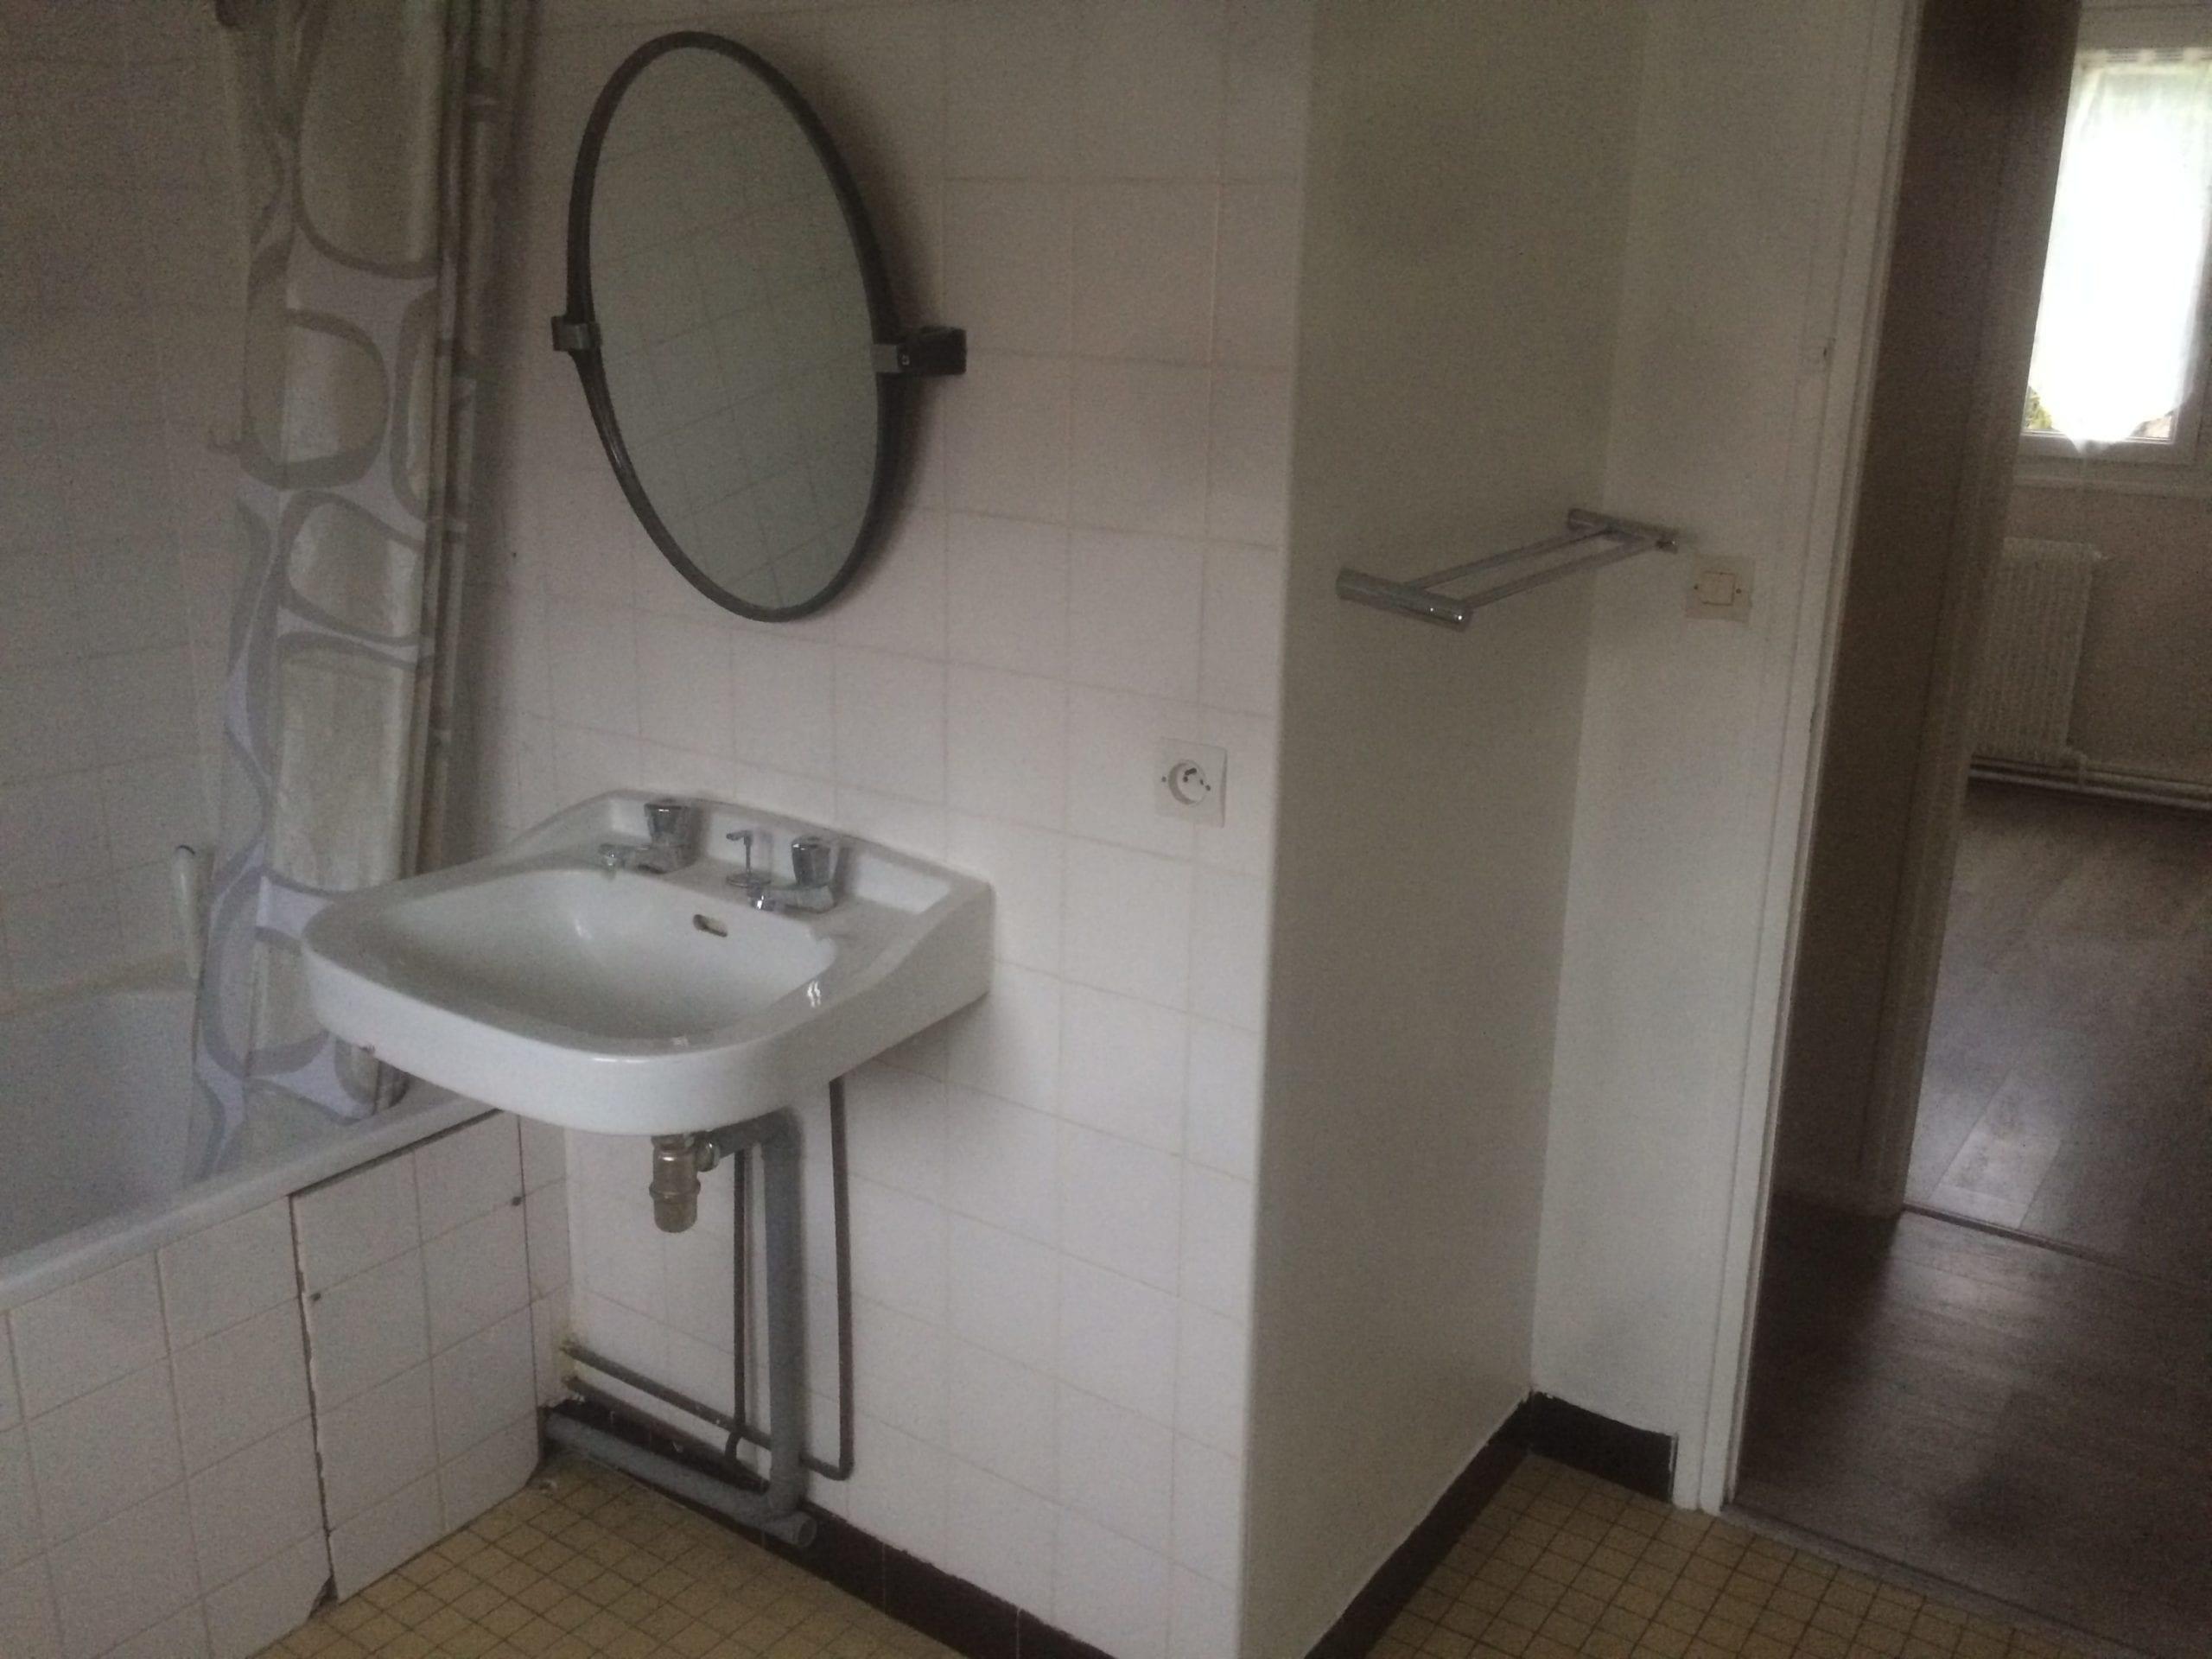 salle-de-bain-avant-travaux-de-renovation